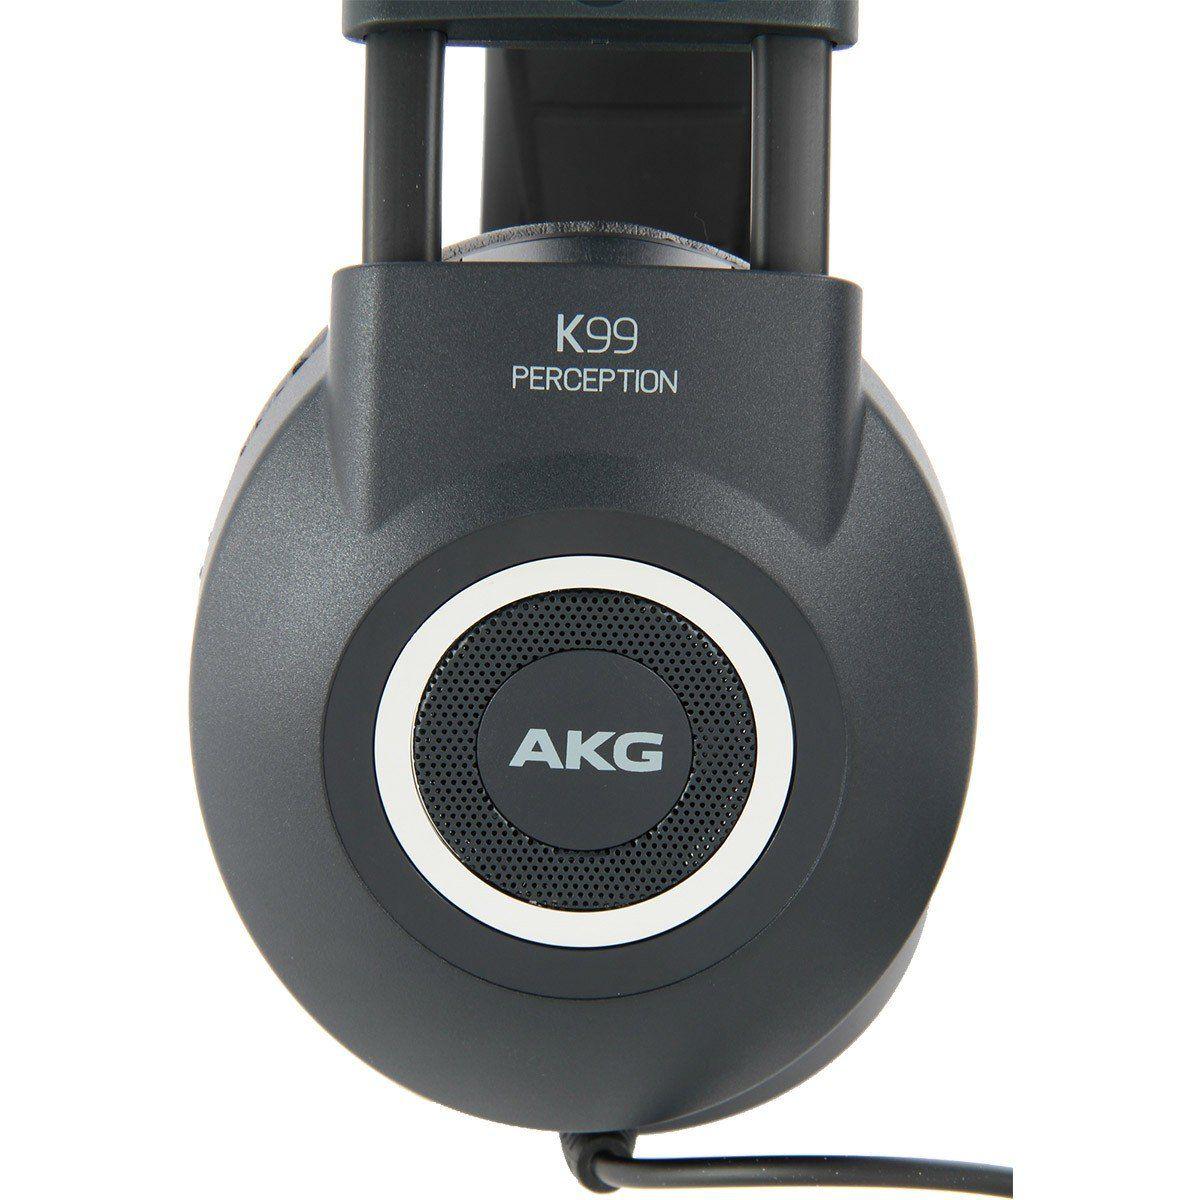 Akg K99 Fone de Ouvido Semi Aberto Akg K99 Perception